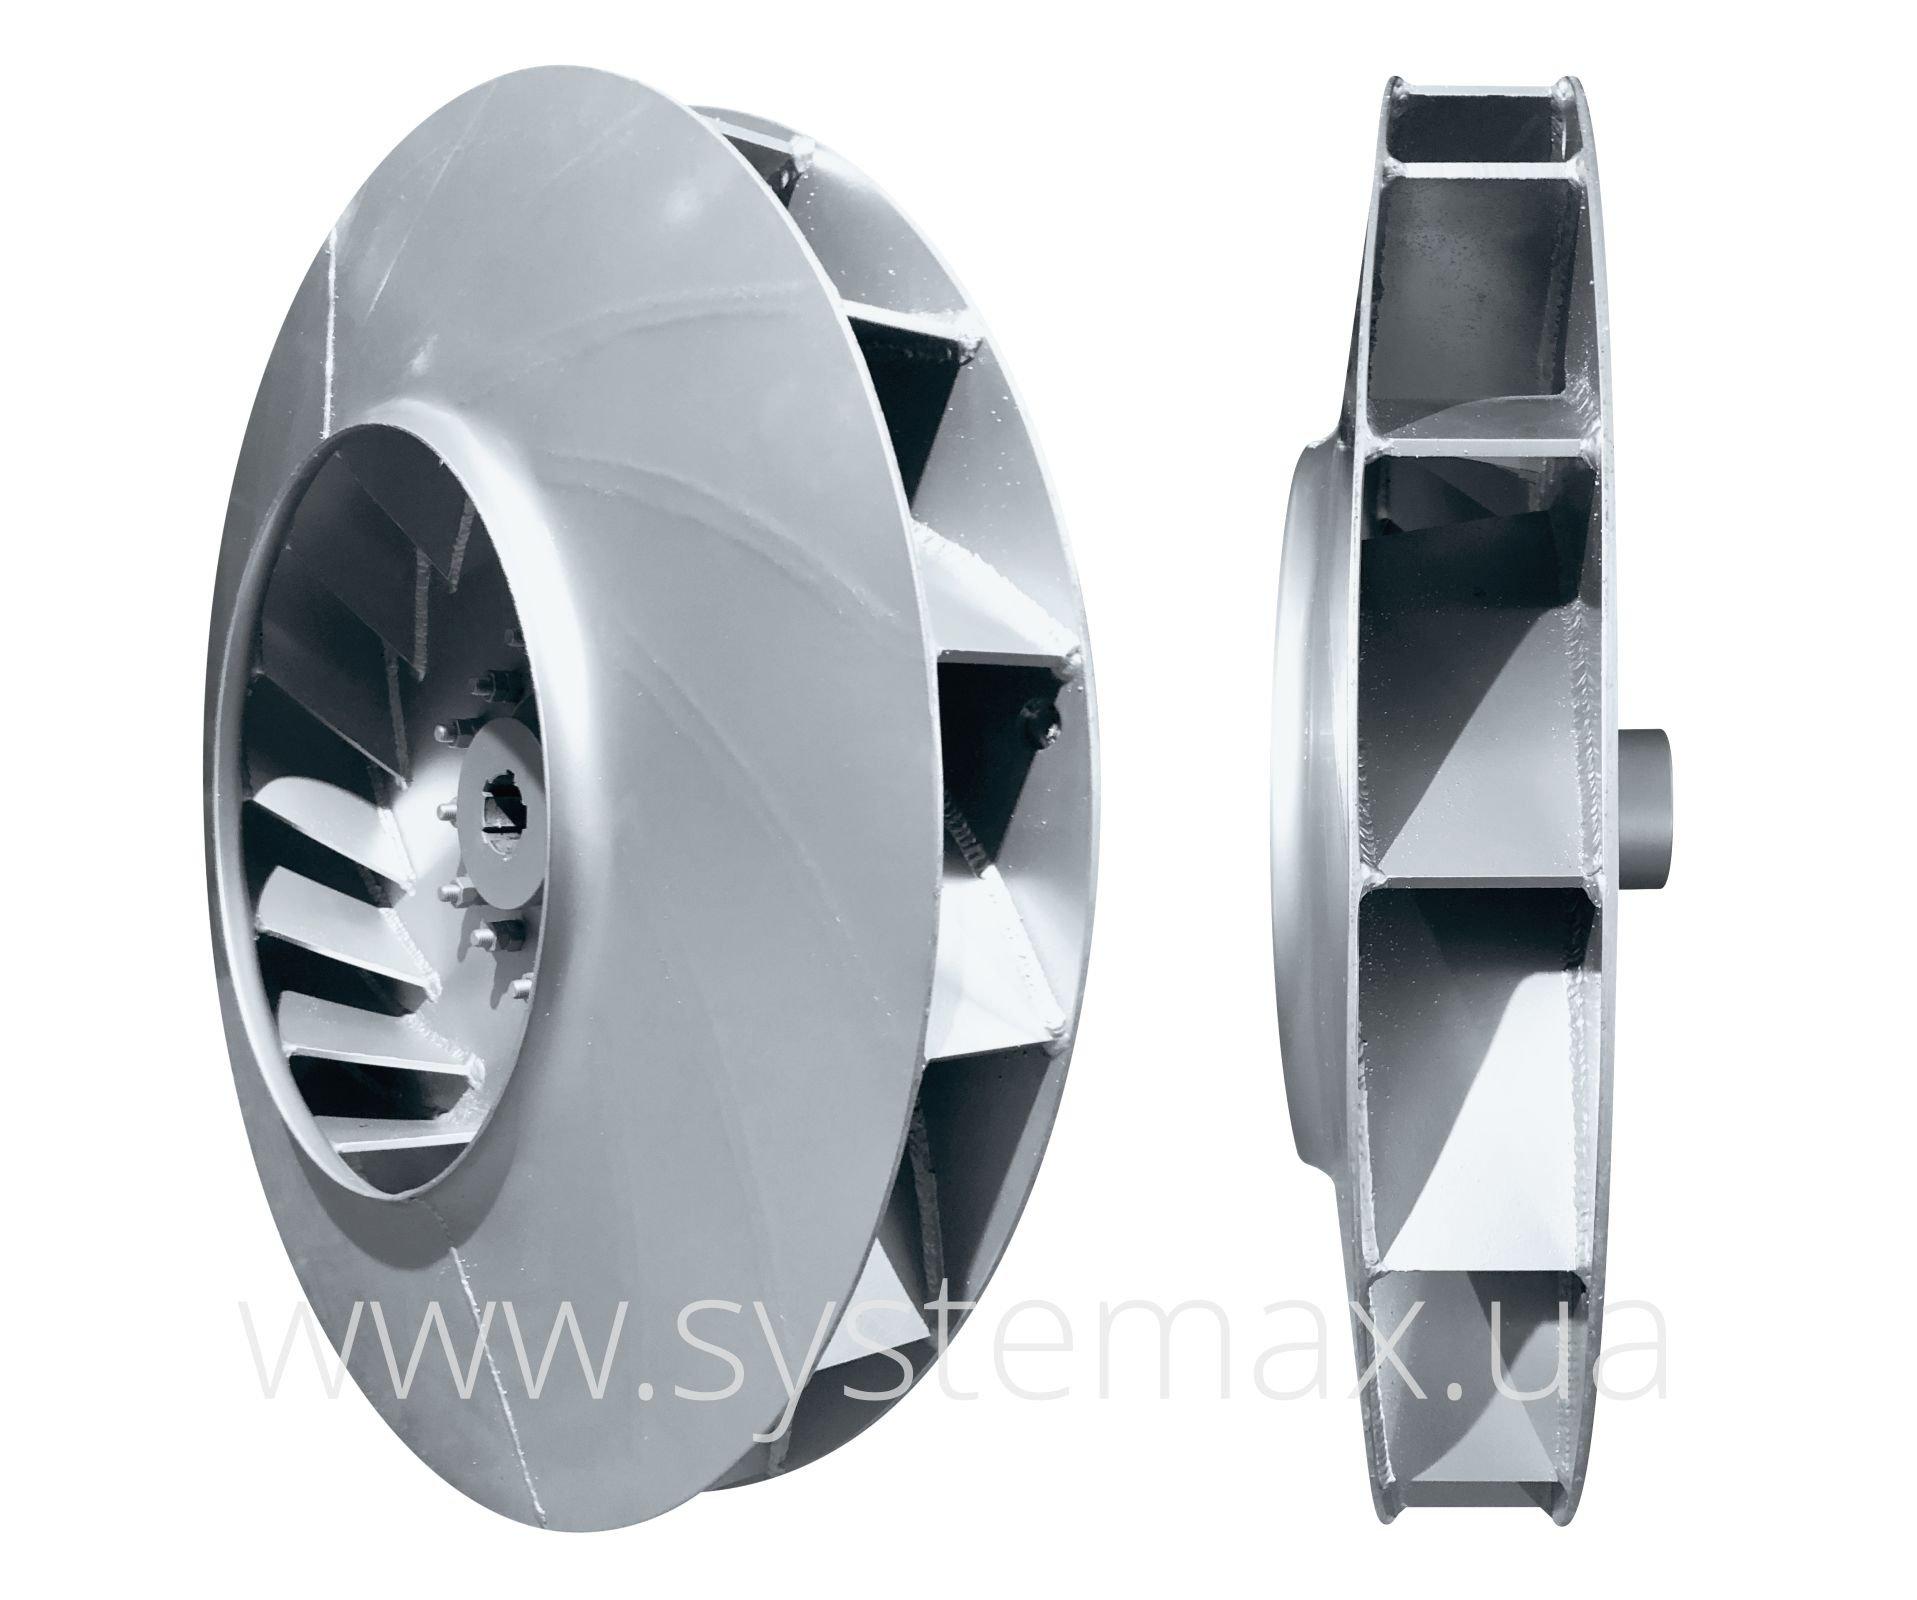 Фото рабочего колеса вентилятора дутьевого ВДН 10